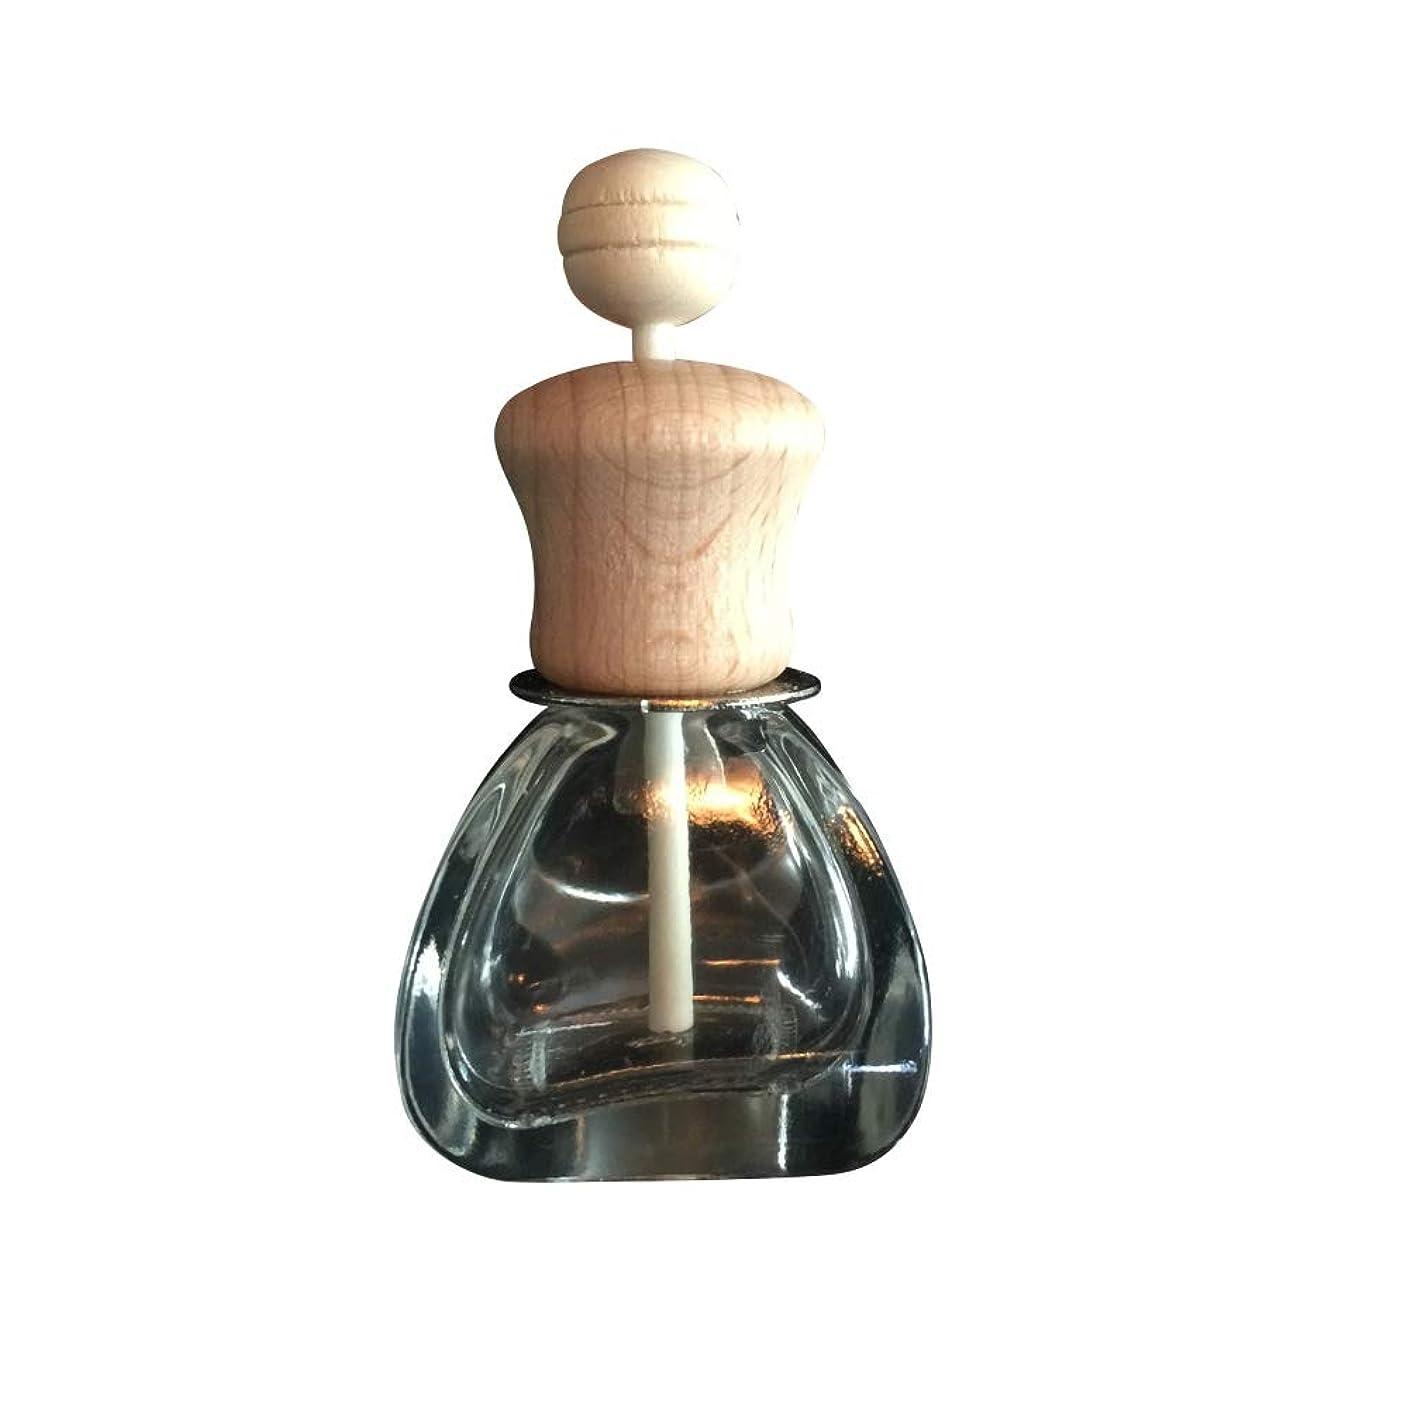 縁全員親KISSION カーベント香水瓶 詰め替え可能 車のペンダント 芳香剤 香水ディフューザー 香水瓶 掛けて 空気清涼剤 ディフューザー フレグランスボトル